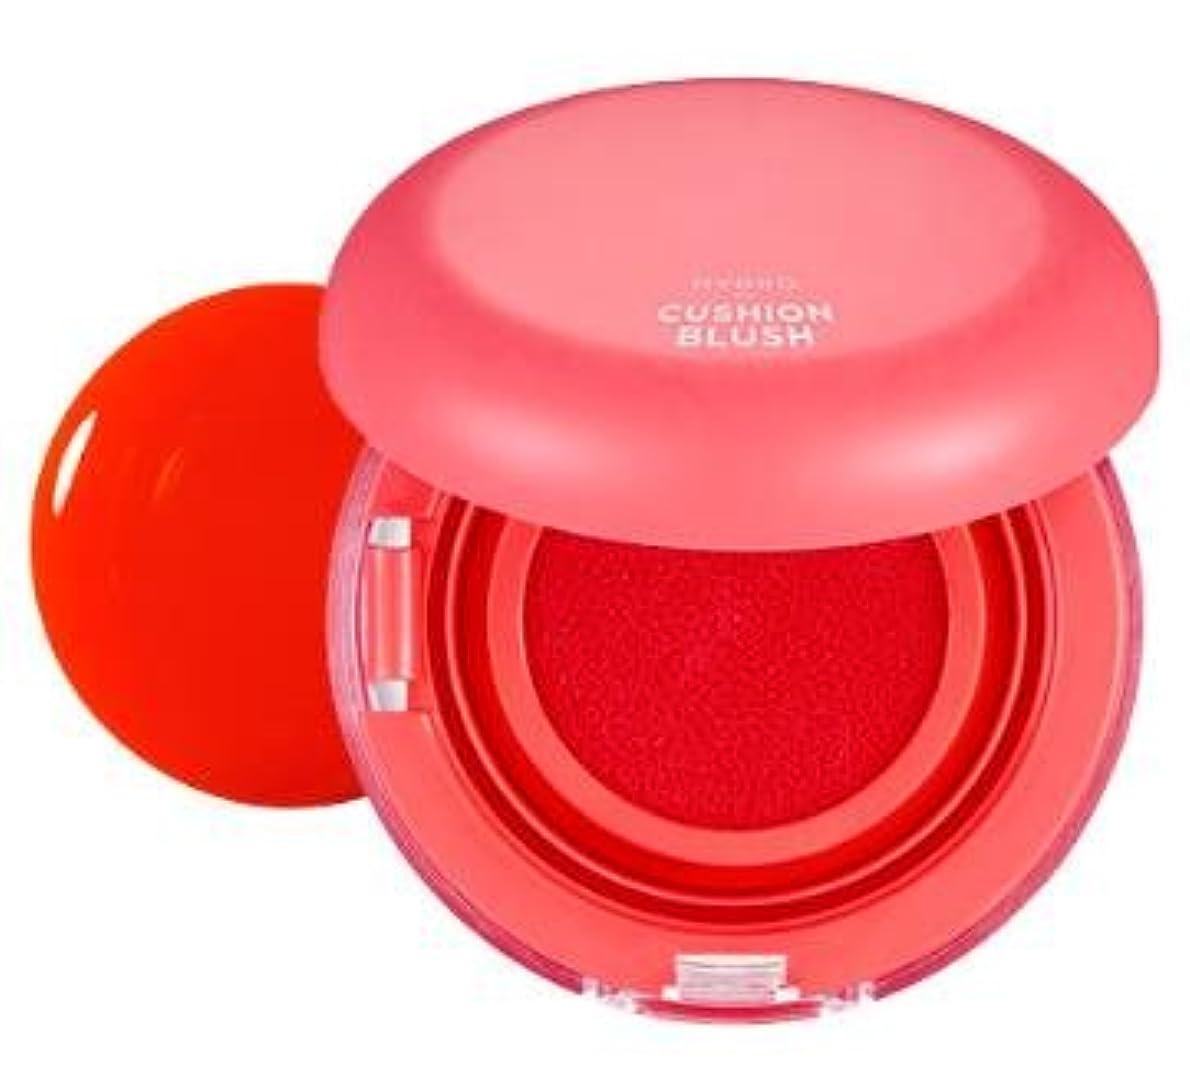 中性事前絵[Renewal] THE FACE SHOP Hydro Cushion Blush (# 01 RED) ザフェイスショップハイドロクッションブラッシュ/チーク [並行輸入品]